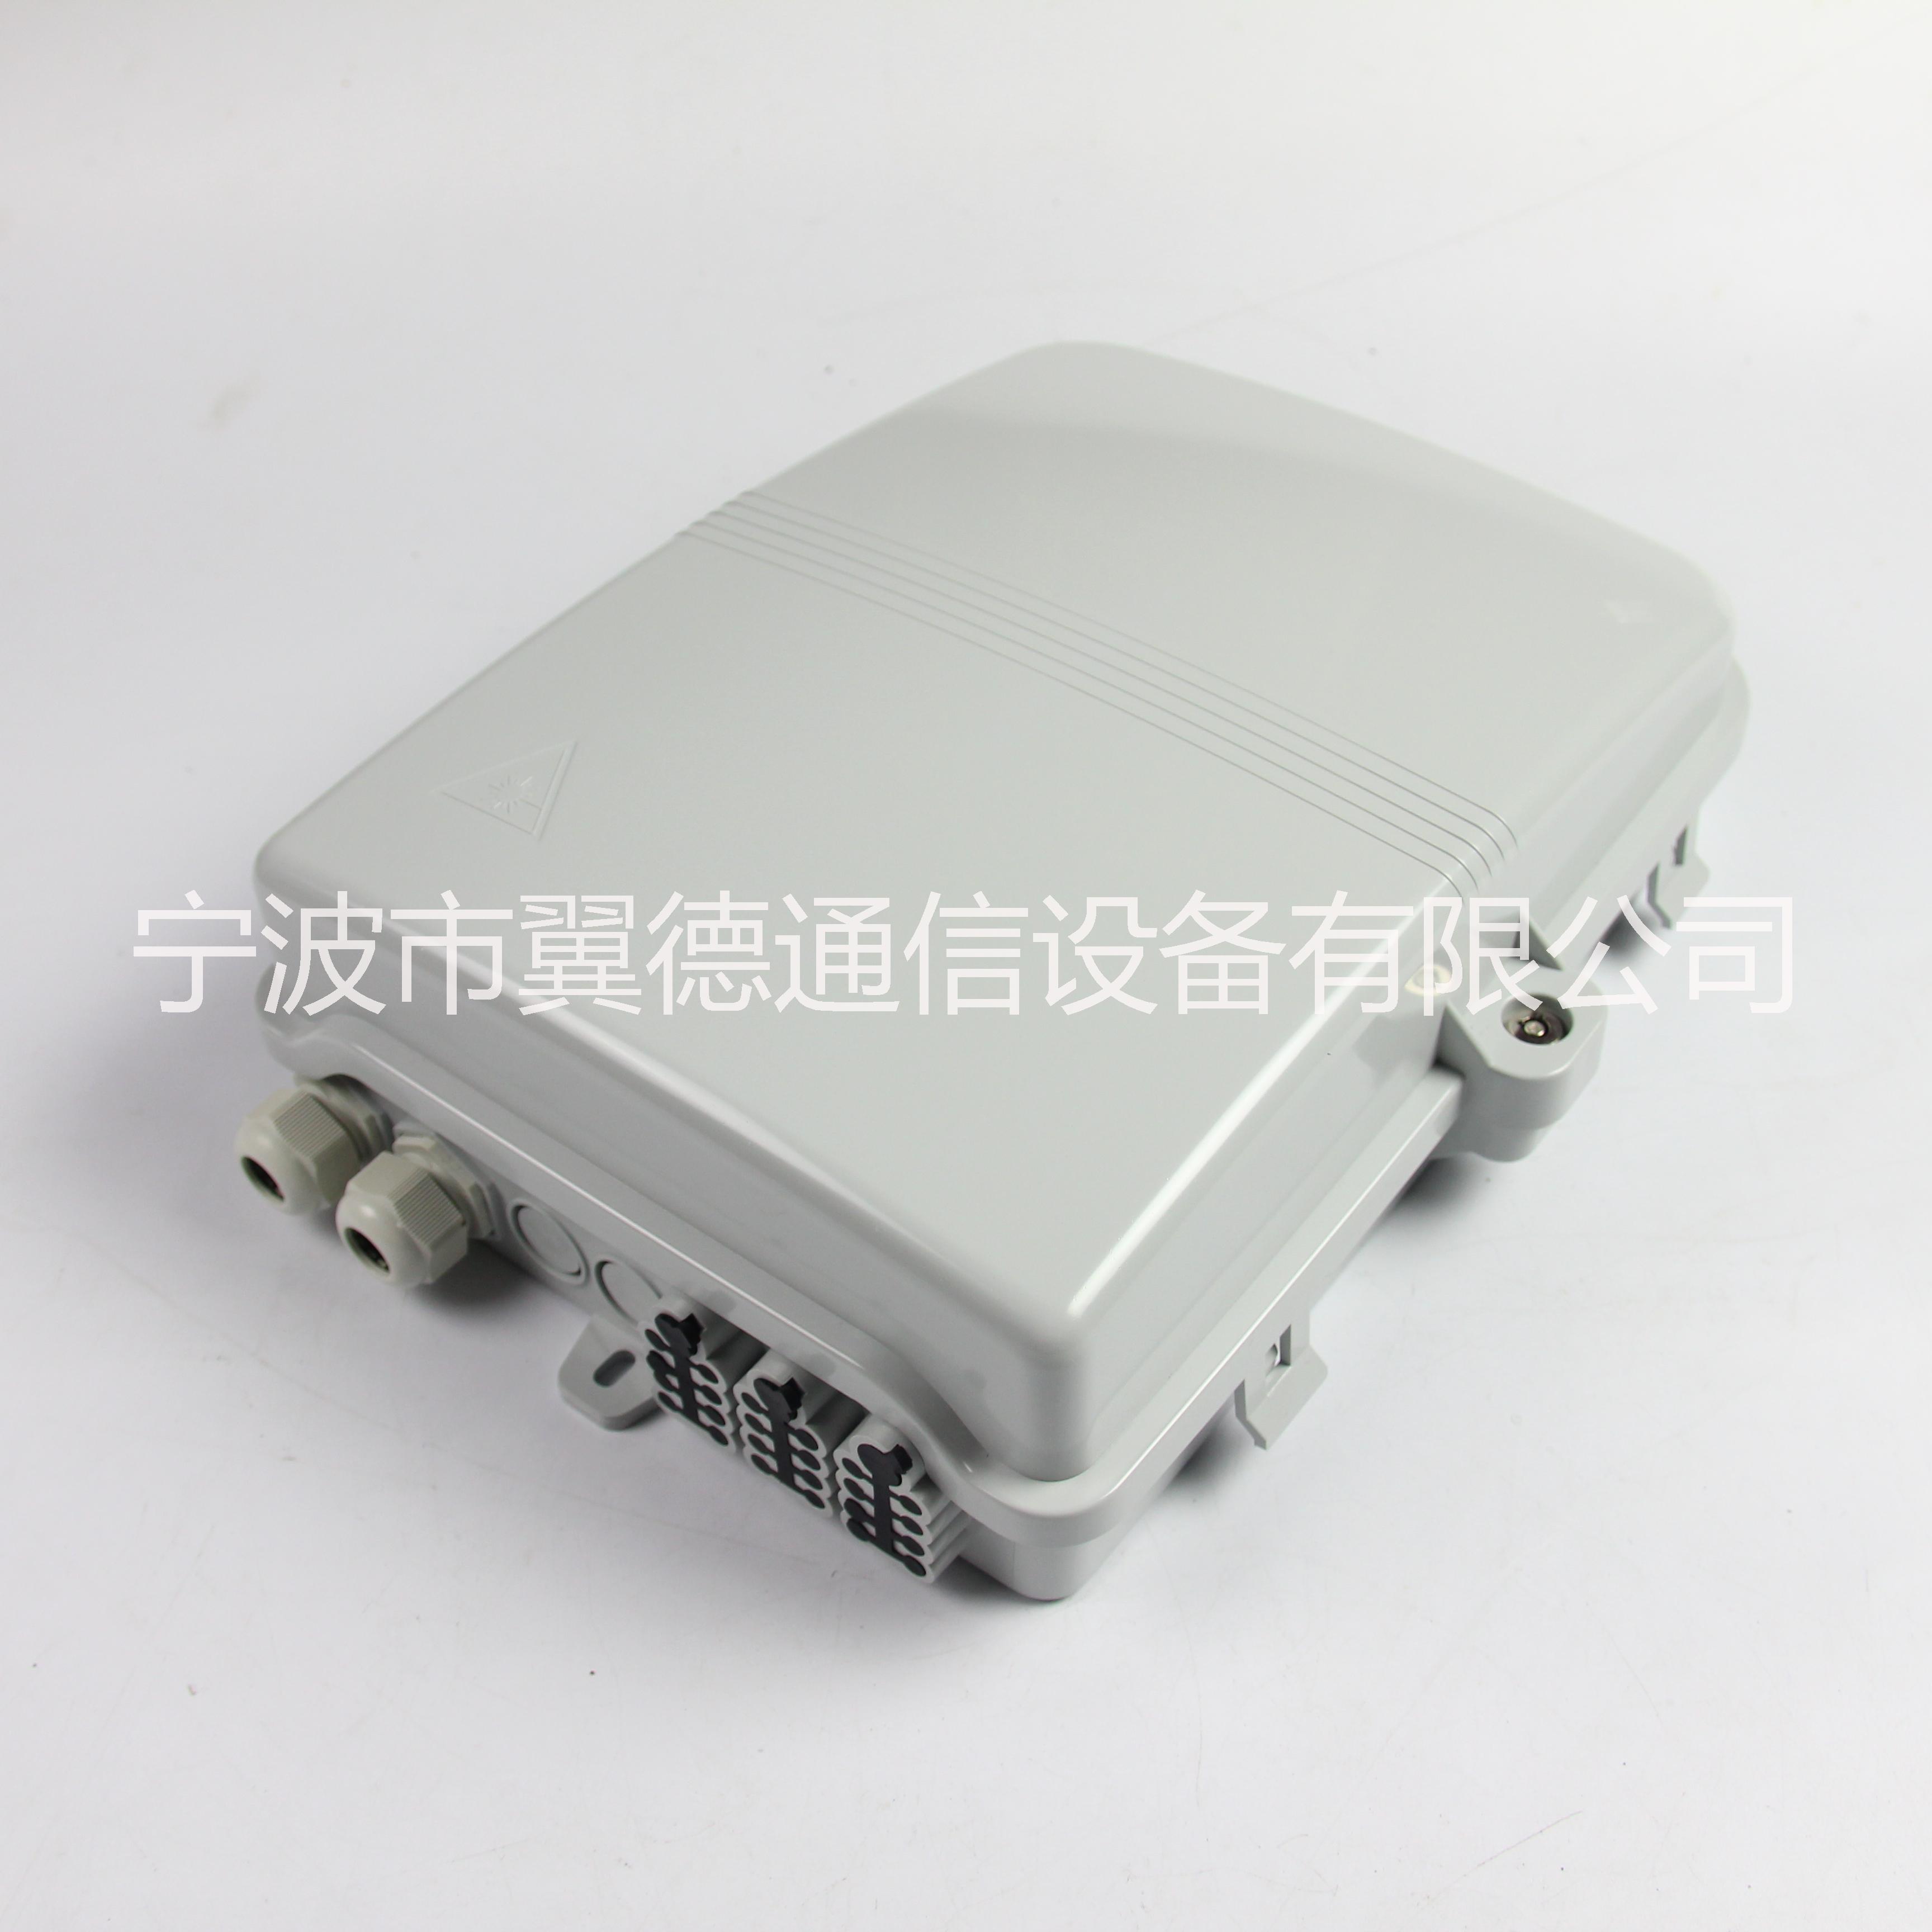 浙江16芯新款抱杆塑料光分路器箱,光缆分纤箱,分纤箱生产厂家,质量保证